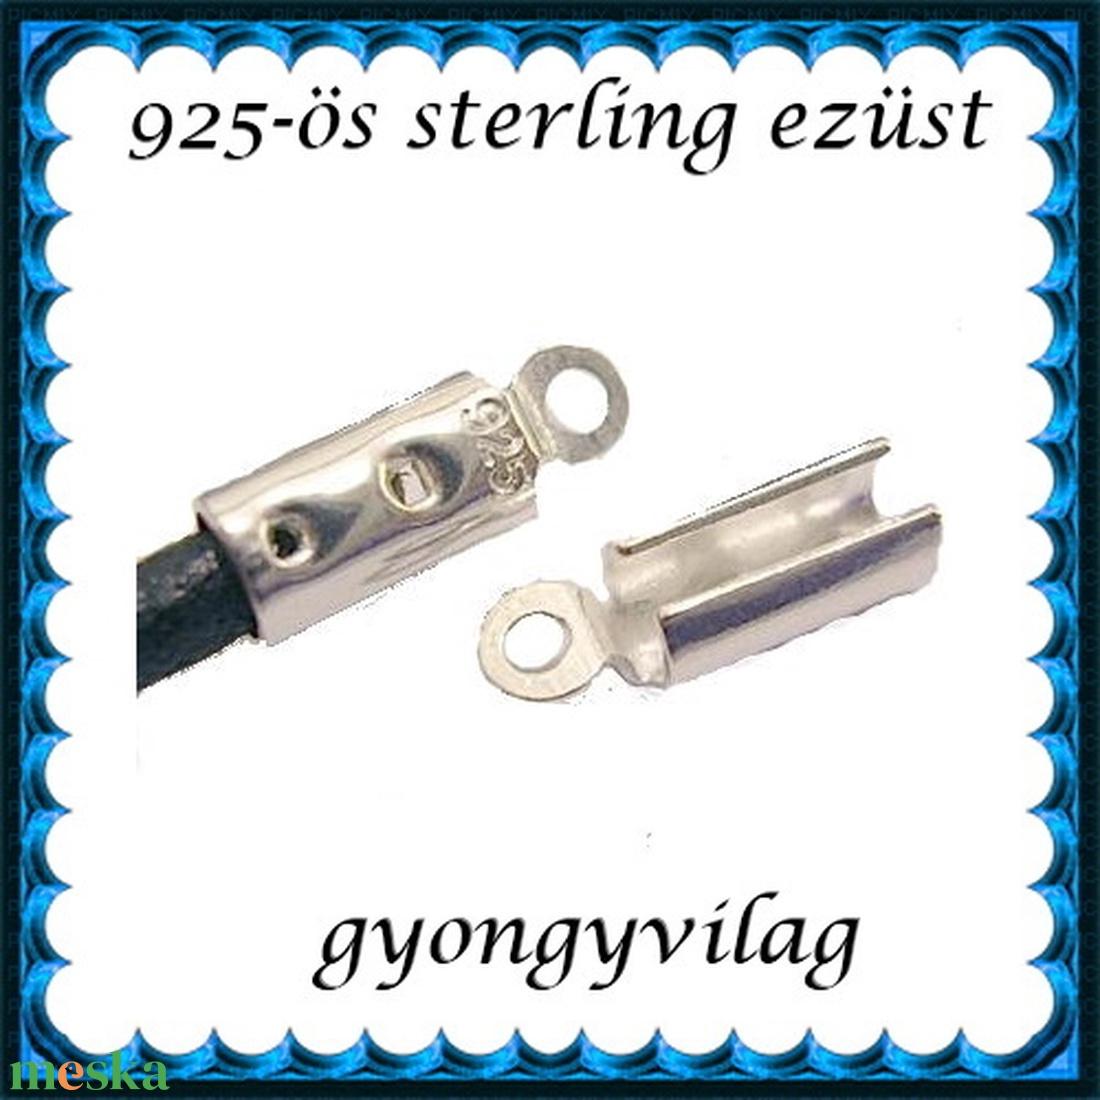 925-ös ezüst  lánckapocsvég 2,5mm-es 2db/cs ELK V 08-2,5 - gyöngy, ékszerkellék - egyéb alkatrész - Meska.hu